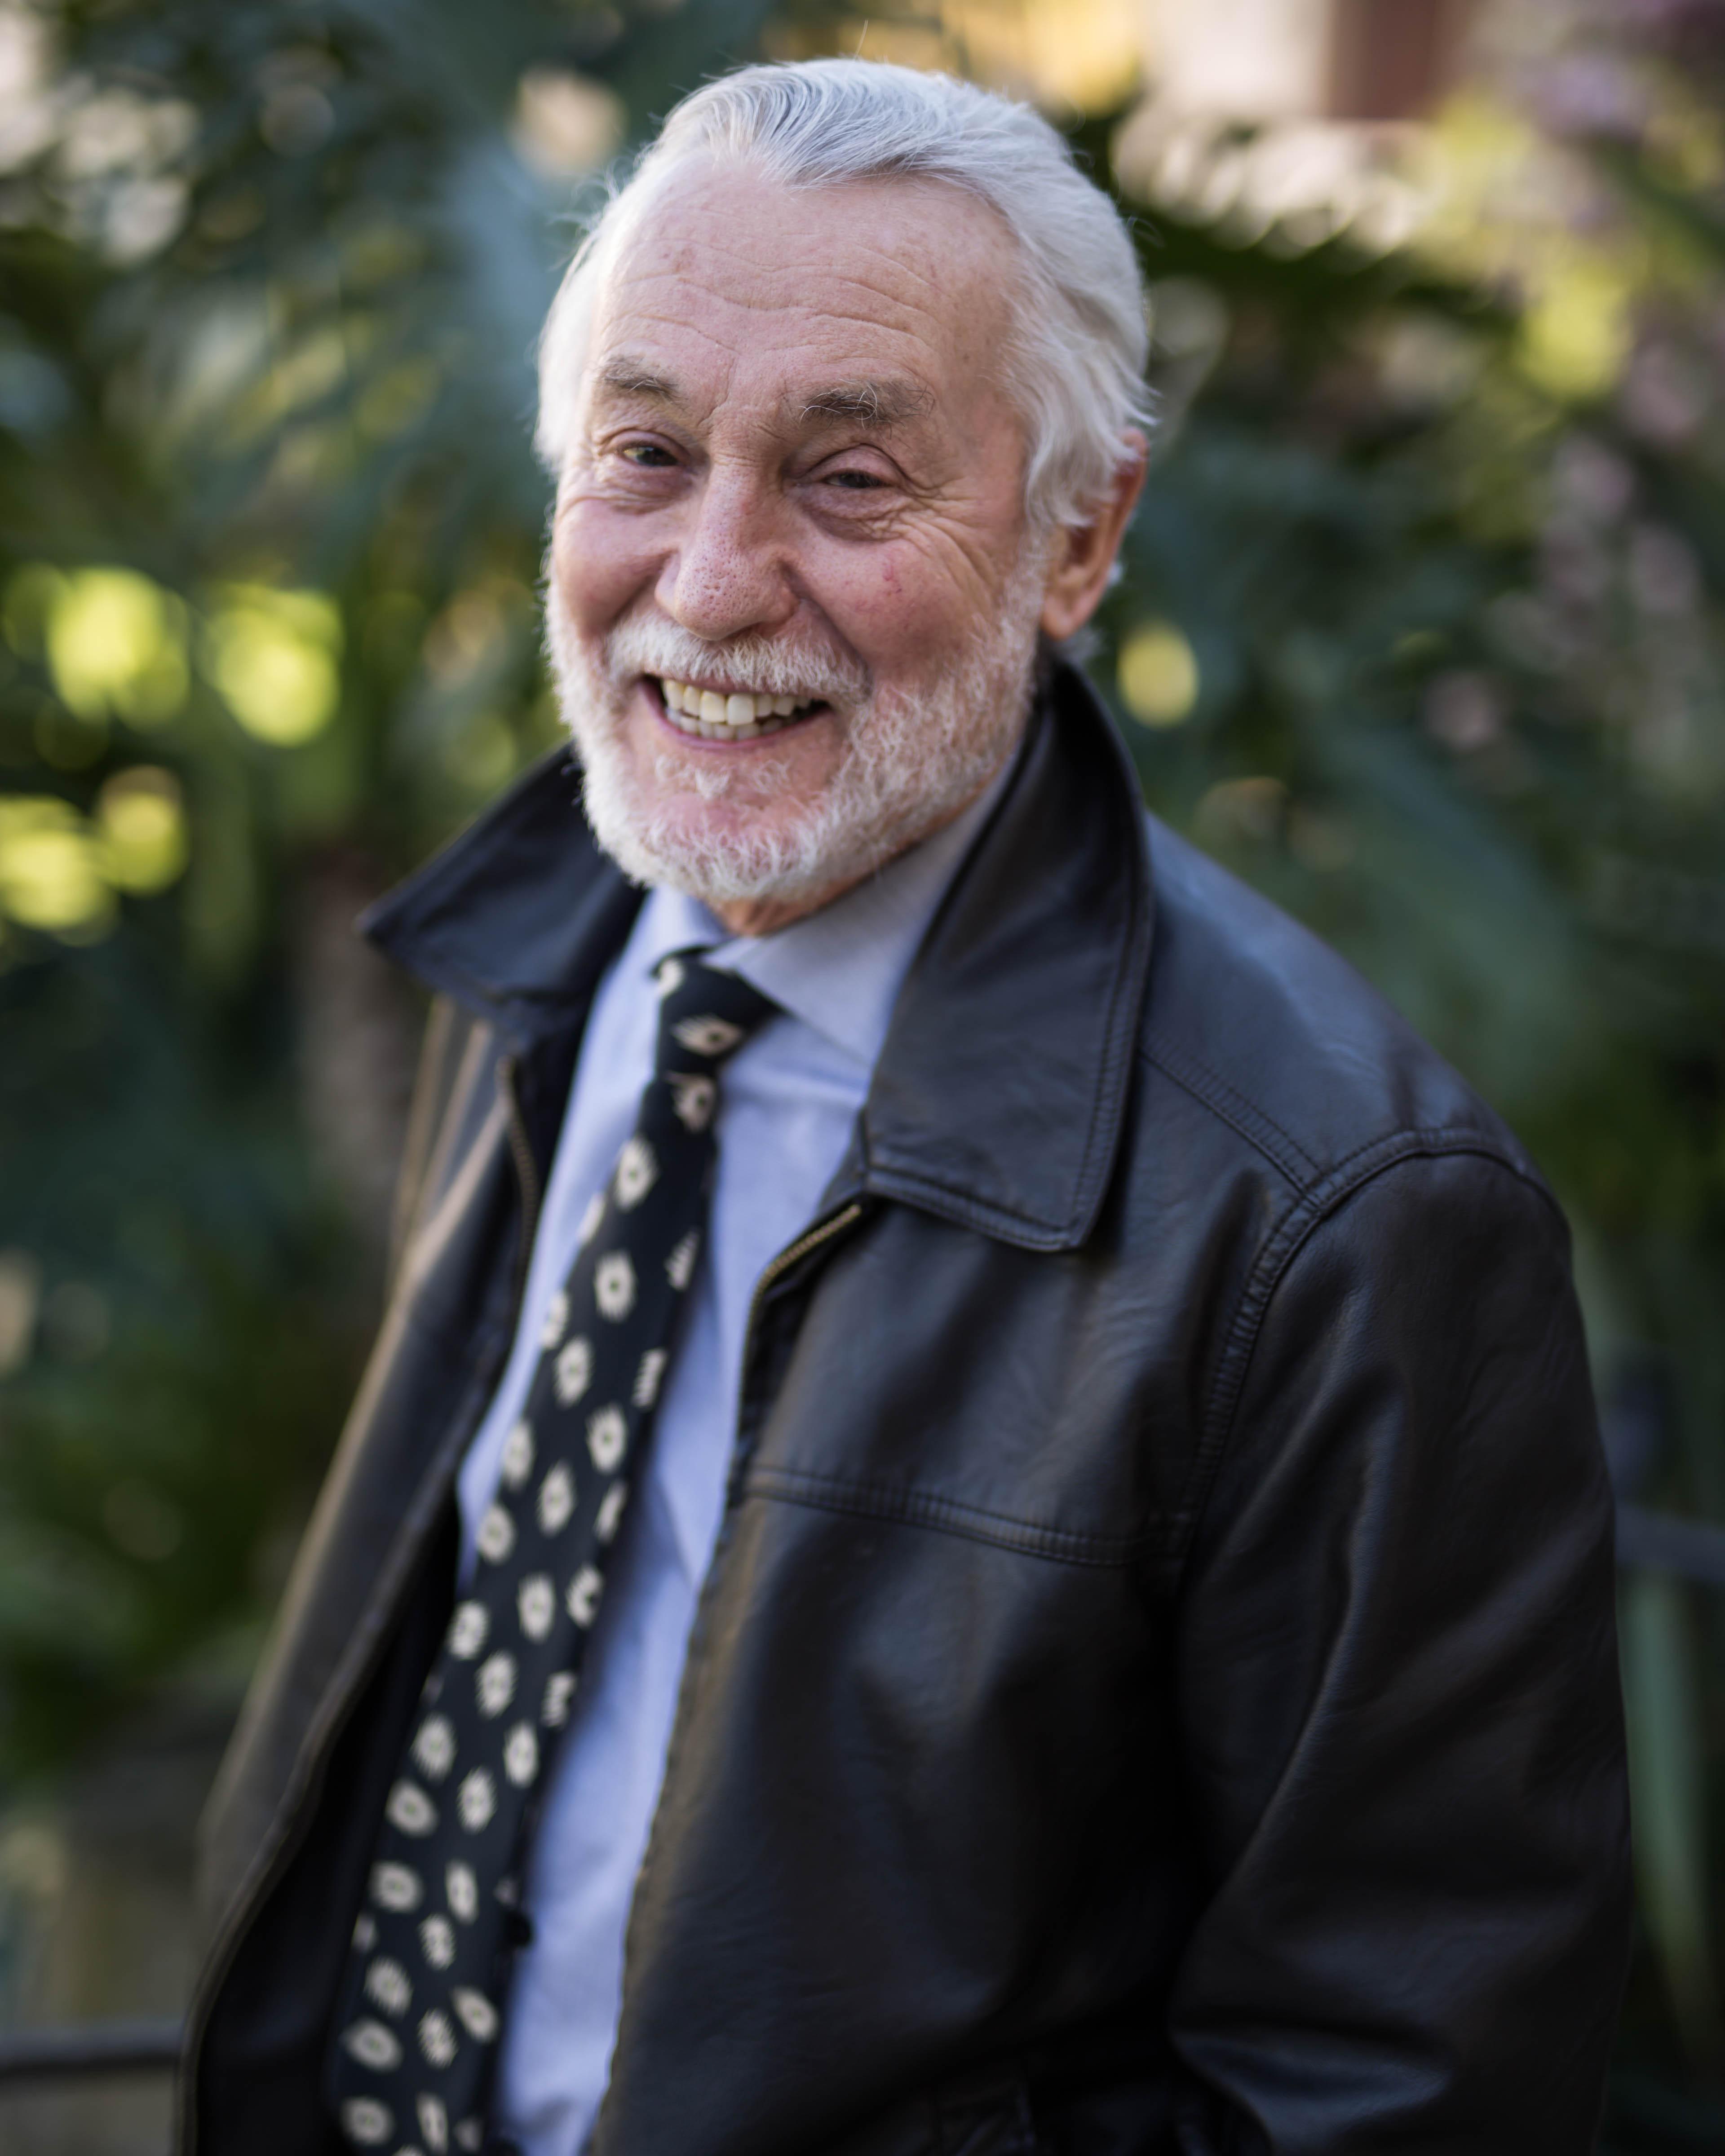 Geoff Parr